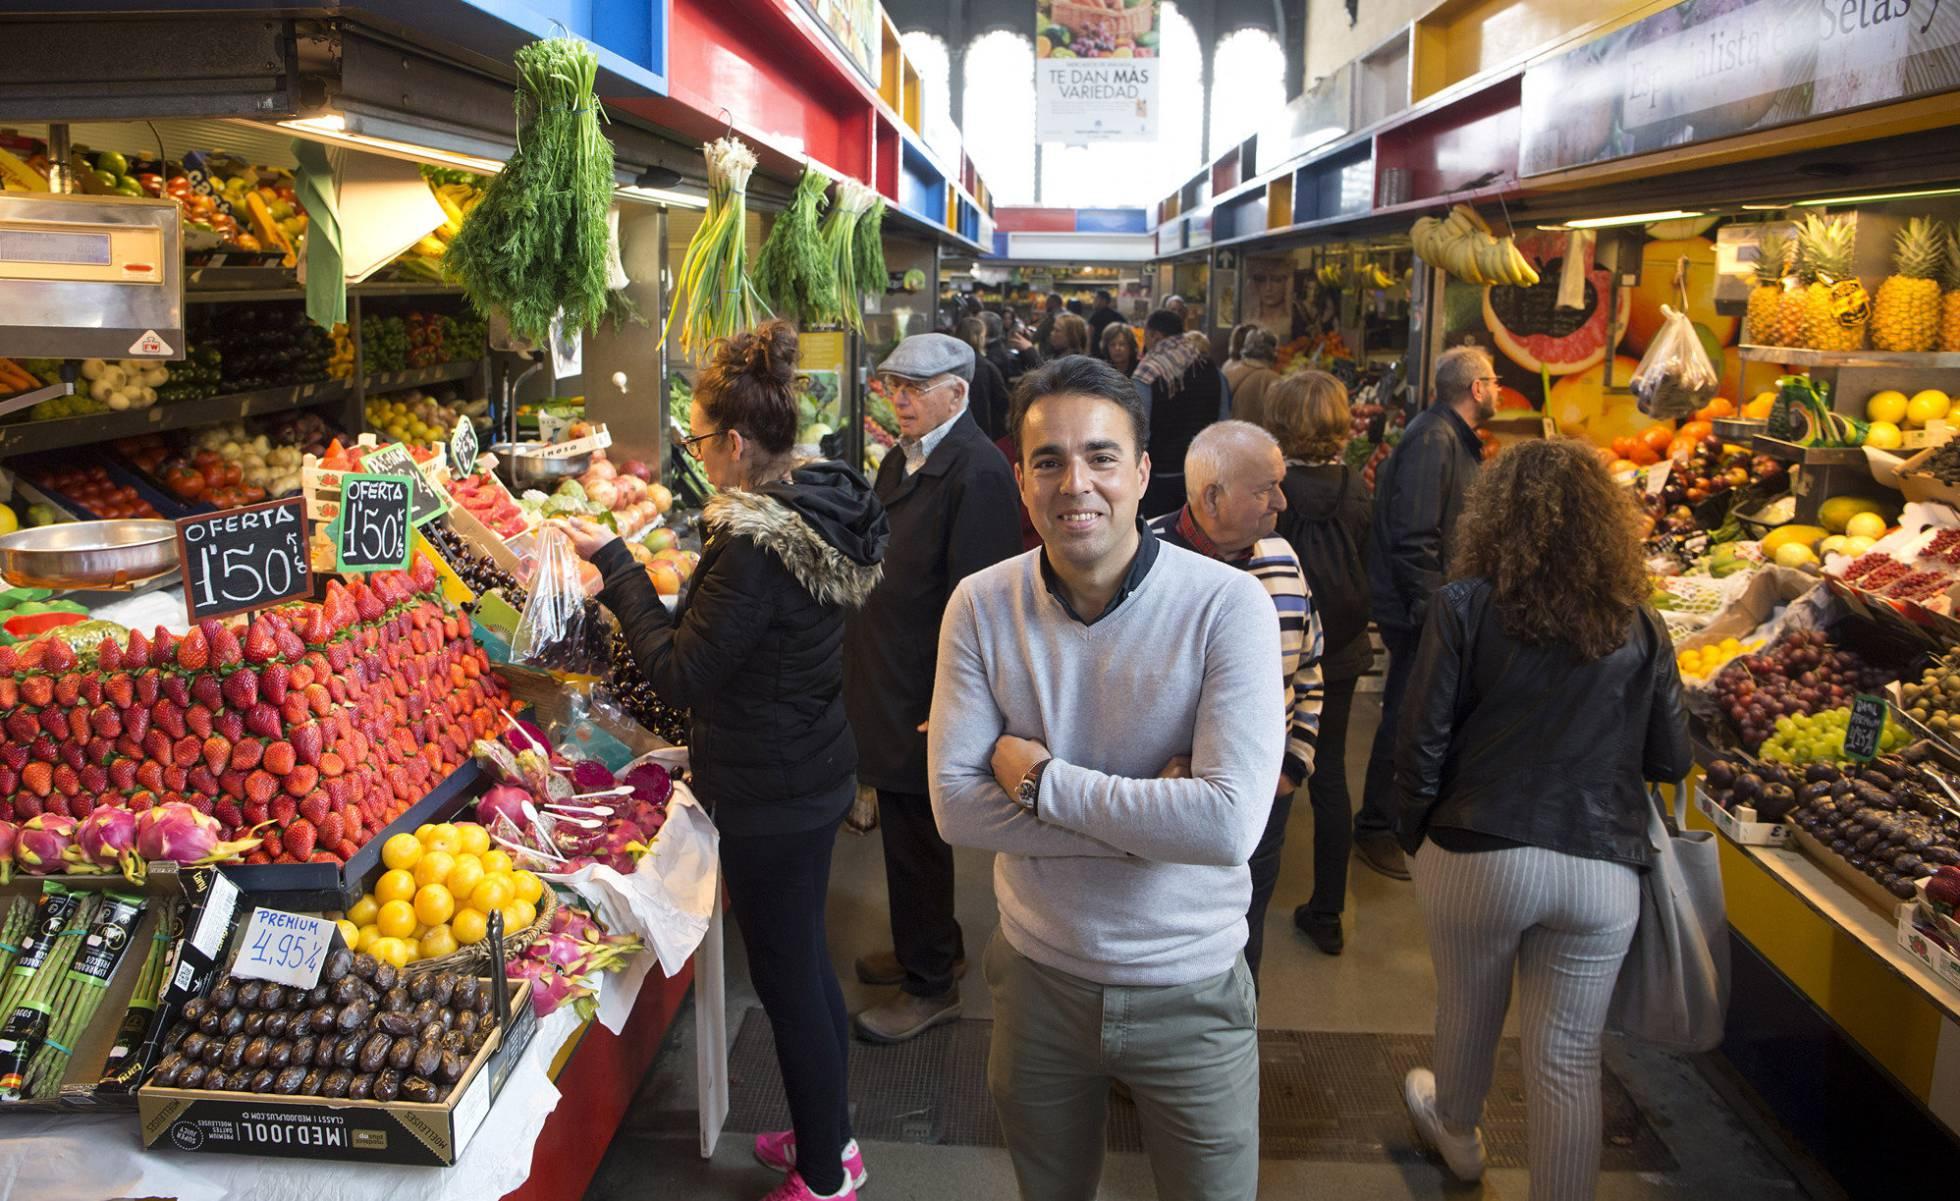 Предприниматель из Андалусии объединяет гастрономические и культурные традиции для привлечения туристов